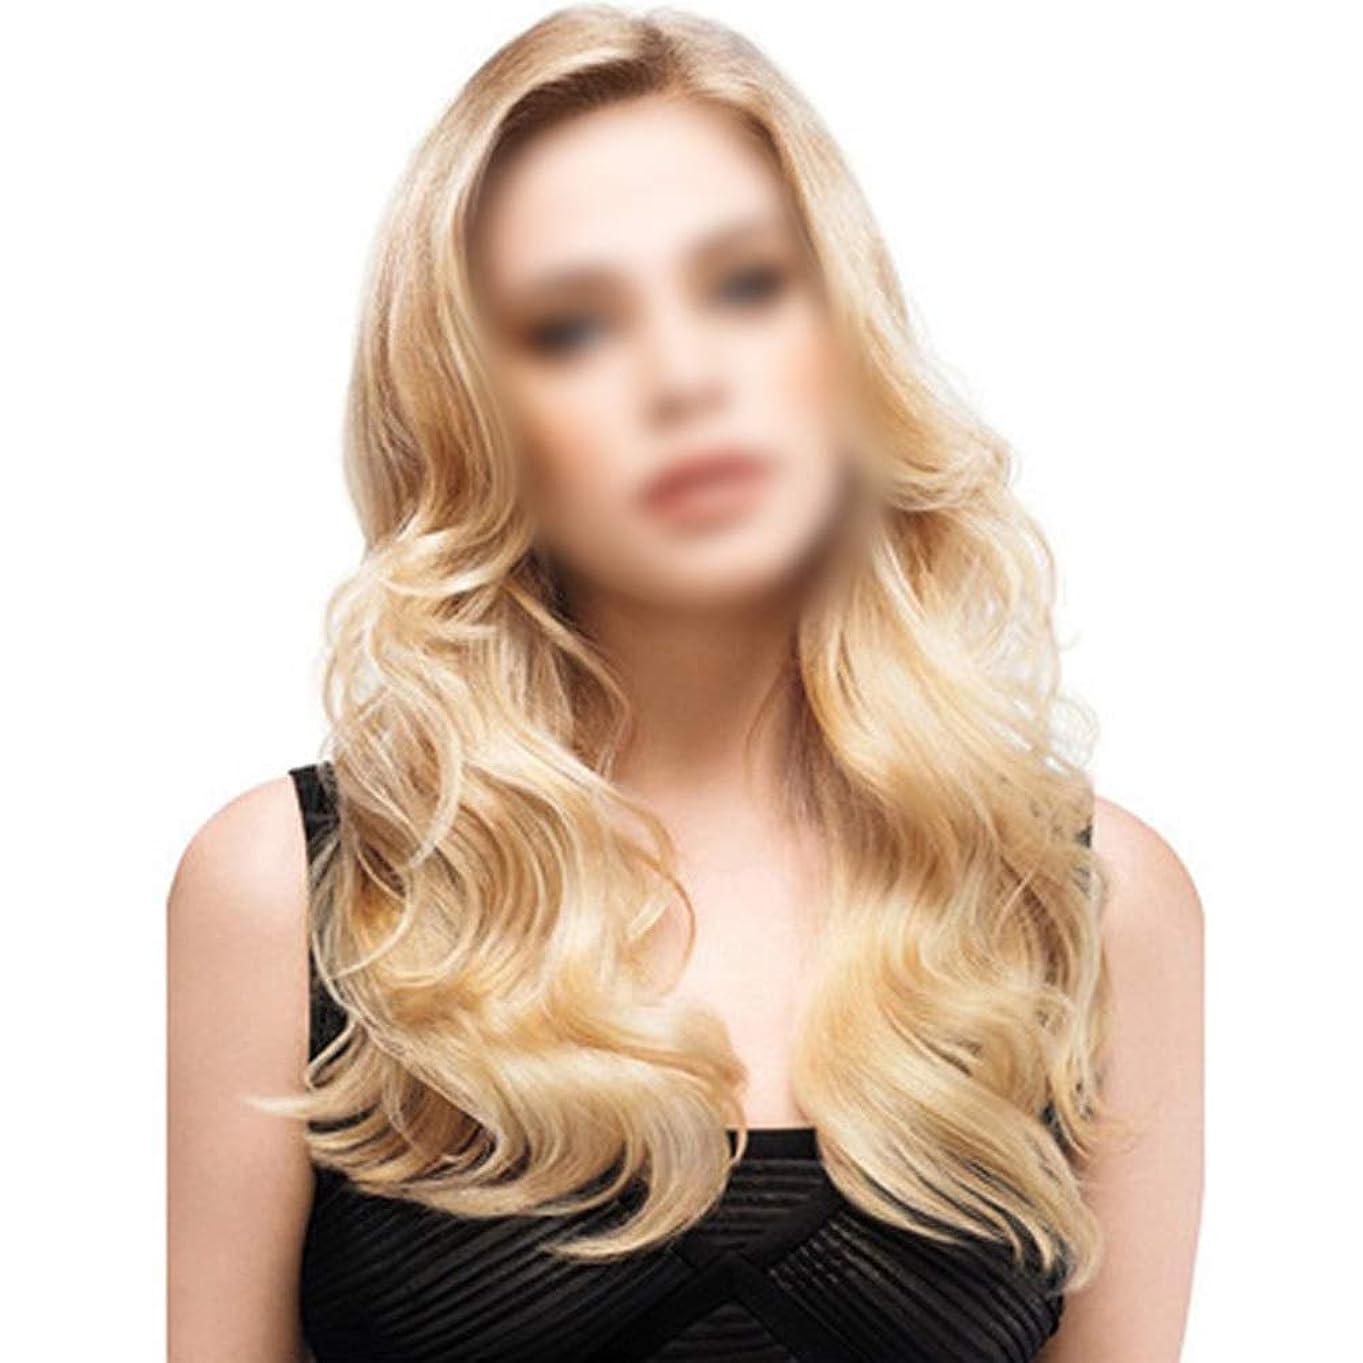 ひまわりライバル帆YESONEEP 女性の日常の服のための長い巻き毛の波状のブロンドの髪かつら耐熱ファイバー+かつらキャップパーティーウィッグ (色 : Blonde, サイズ : 65cm)